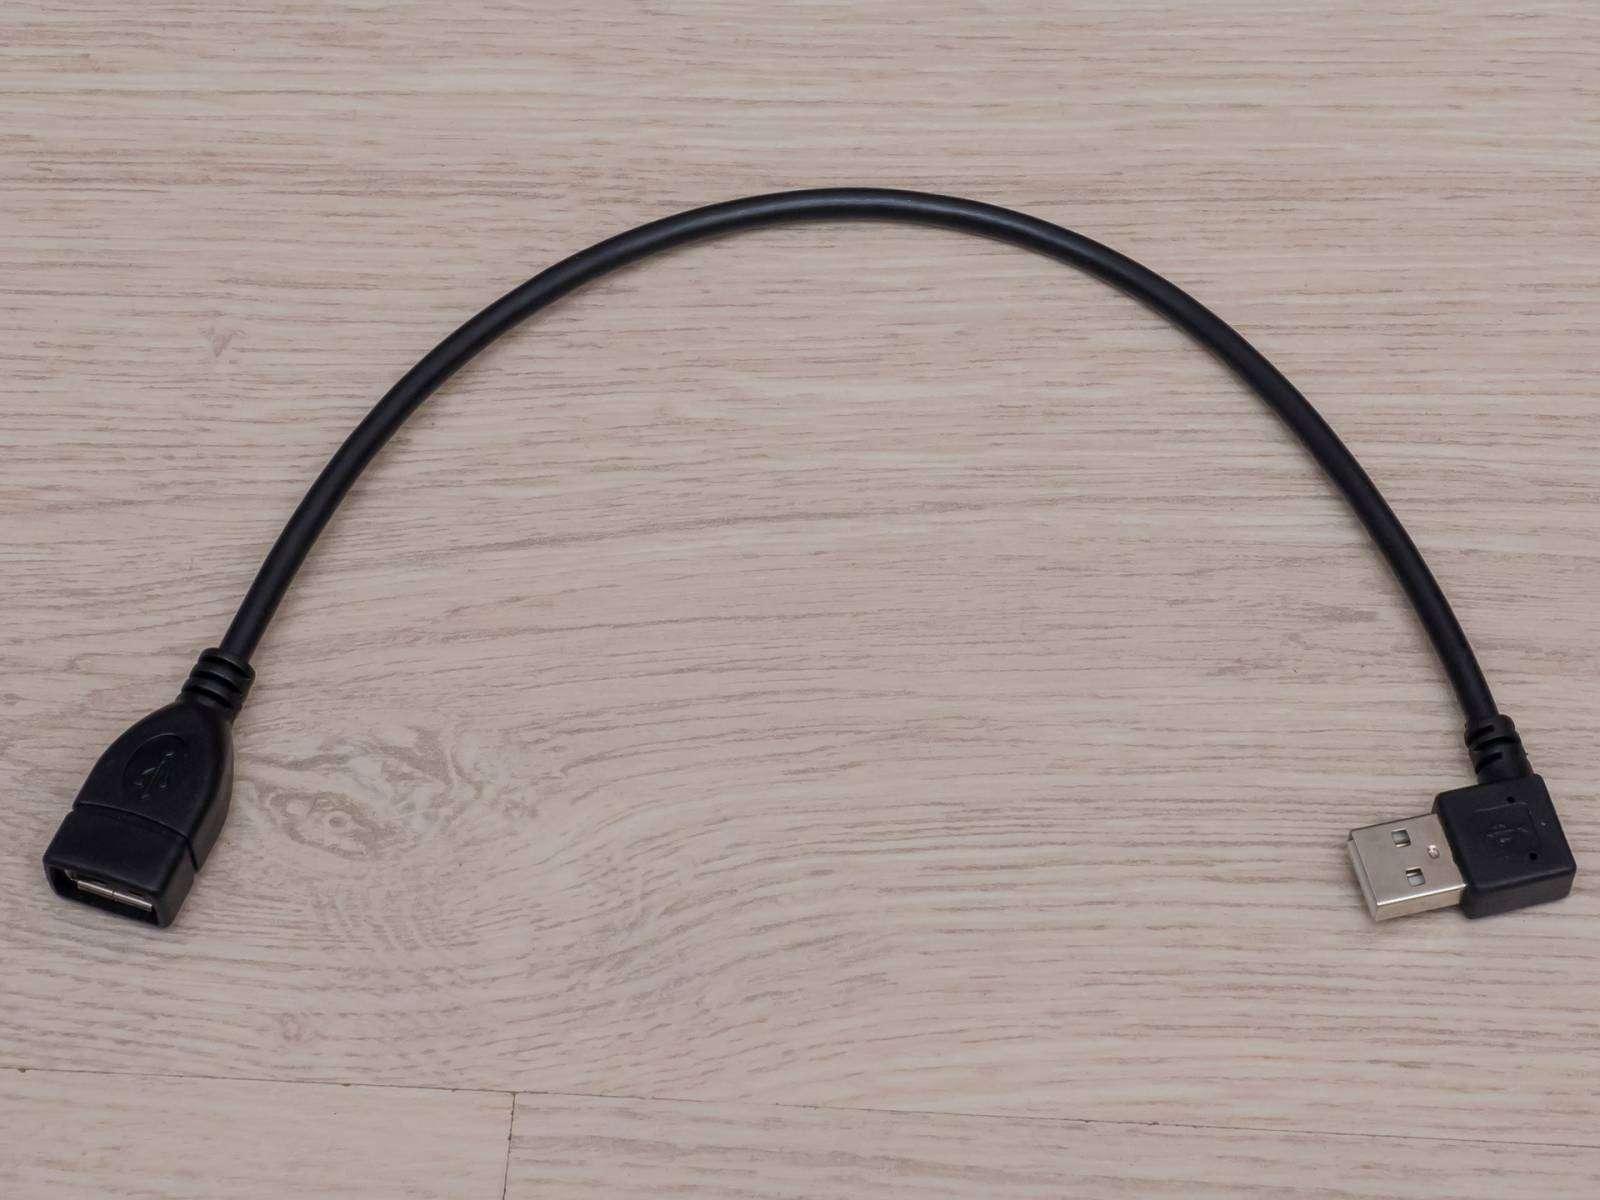 Aliexpress: Угловой USB удлинитель